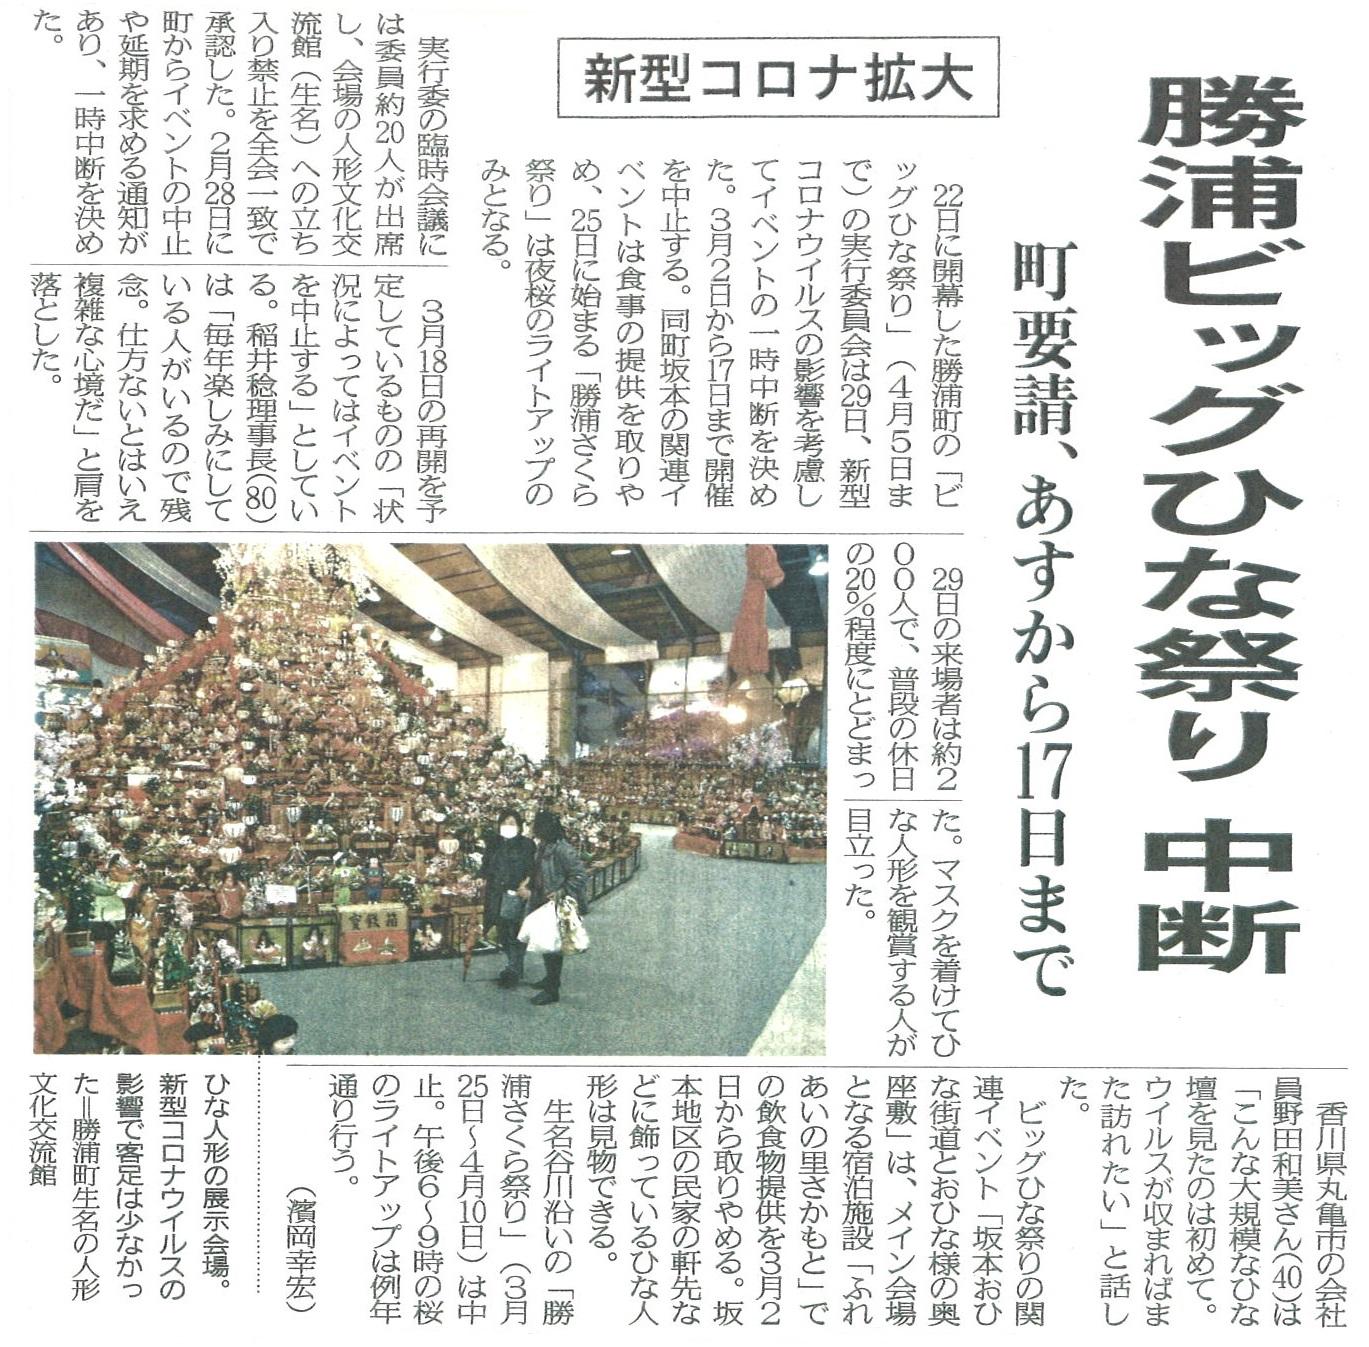 最新 コロナ 徳島 新聞 徳島県知事ら 県外ナンバーへのひぼう中傷に警鐘